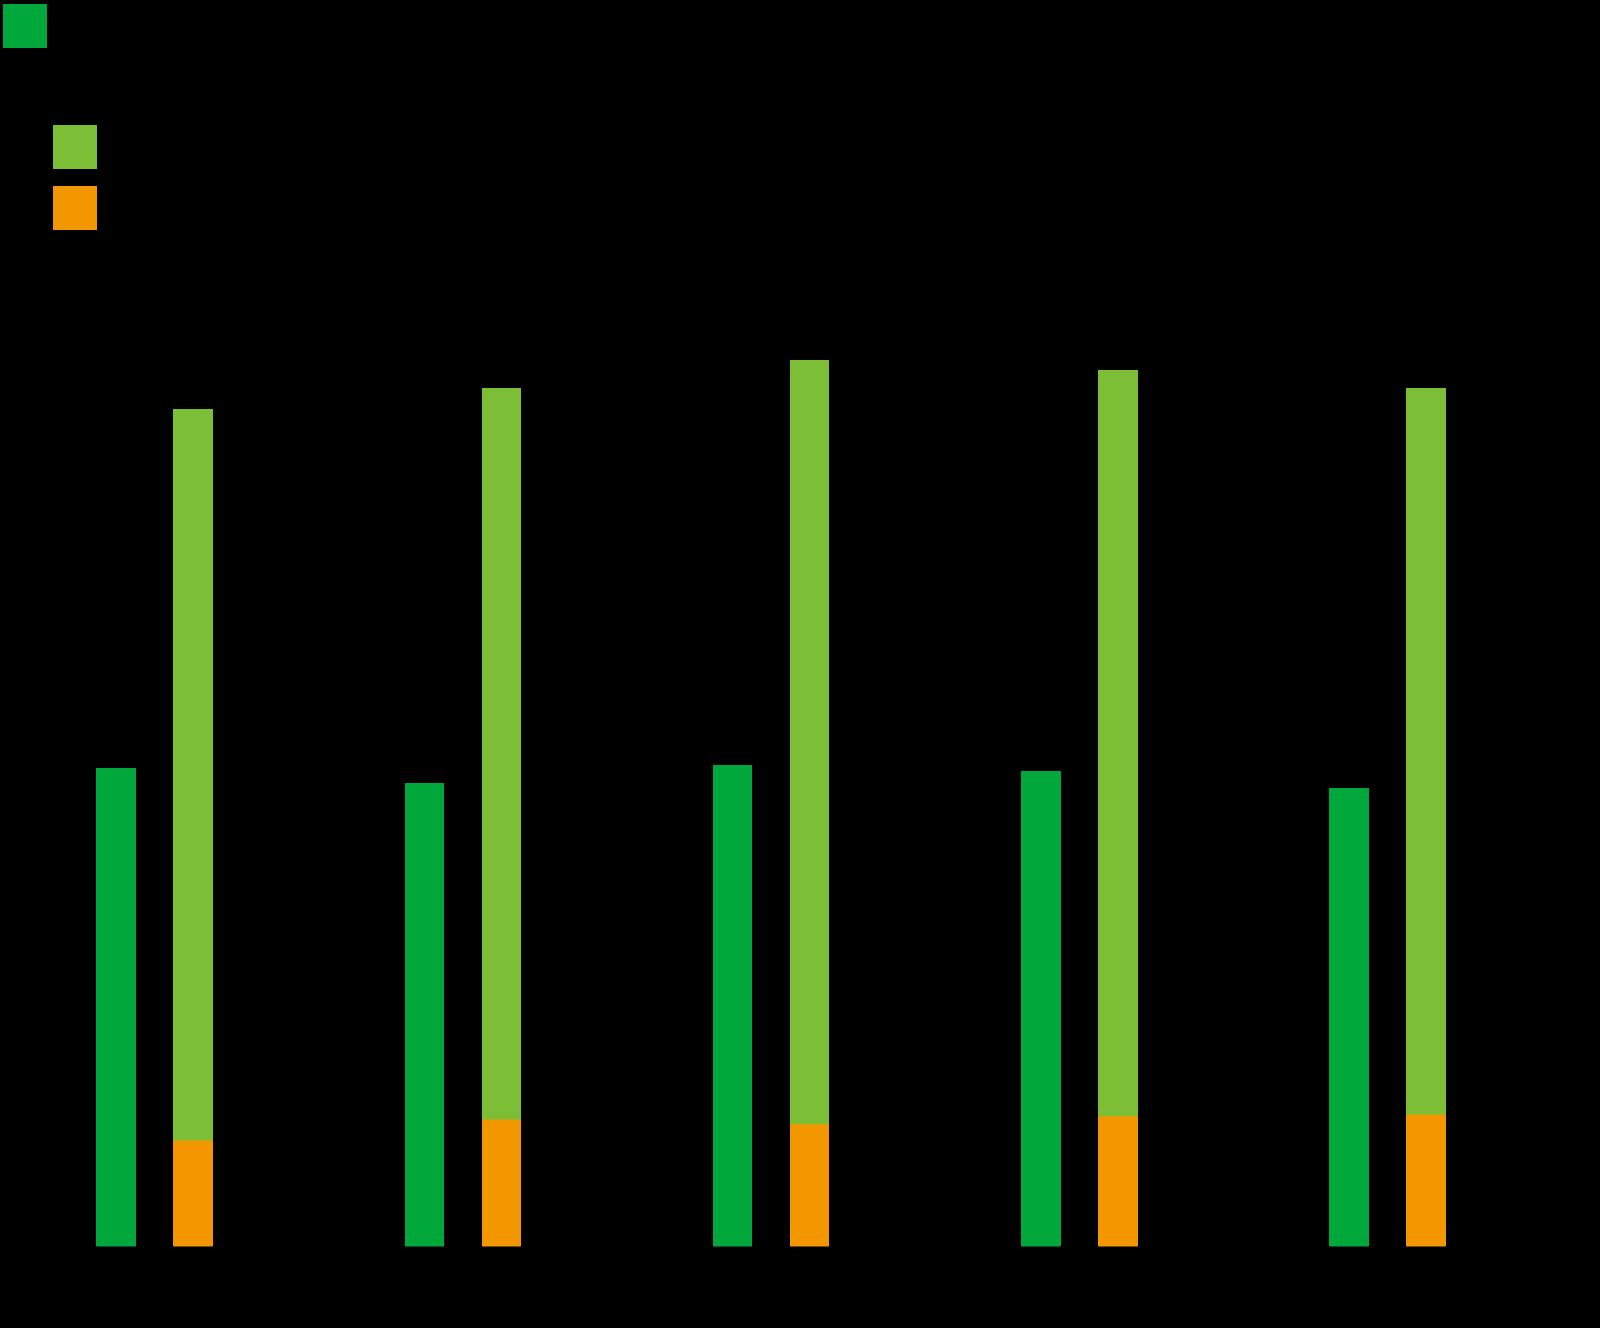 セメント製造に関わる総エネルギー消費量